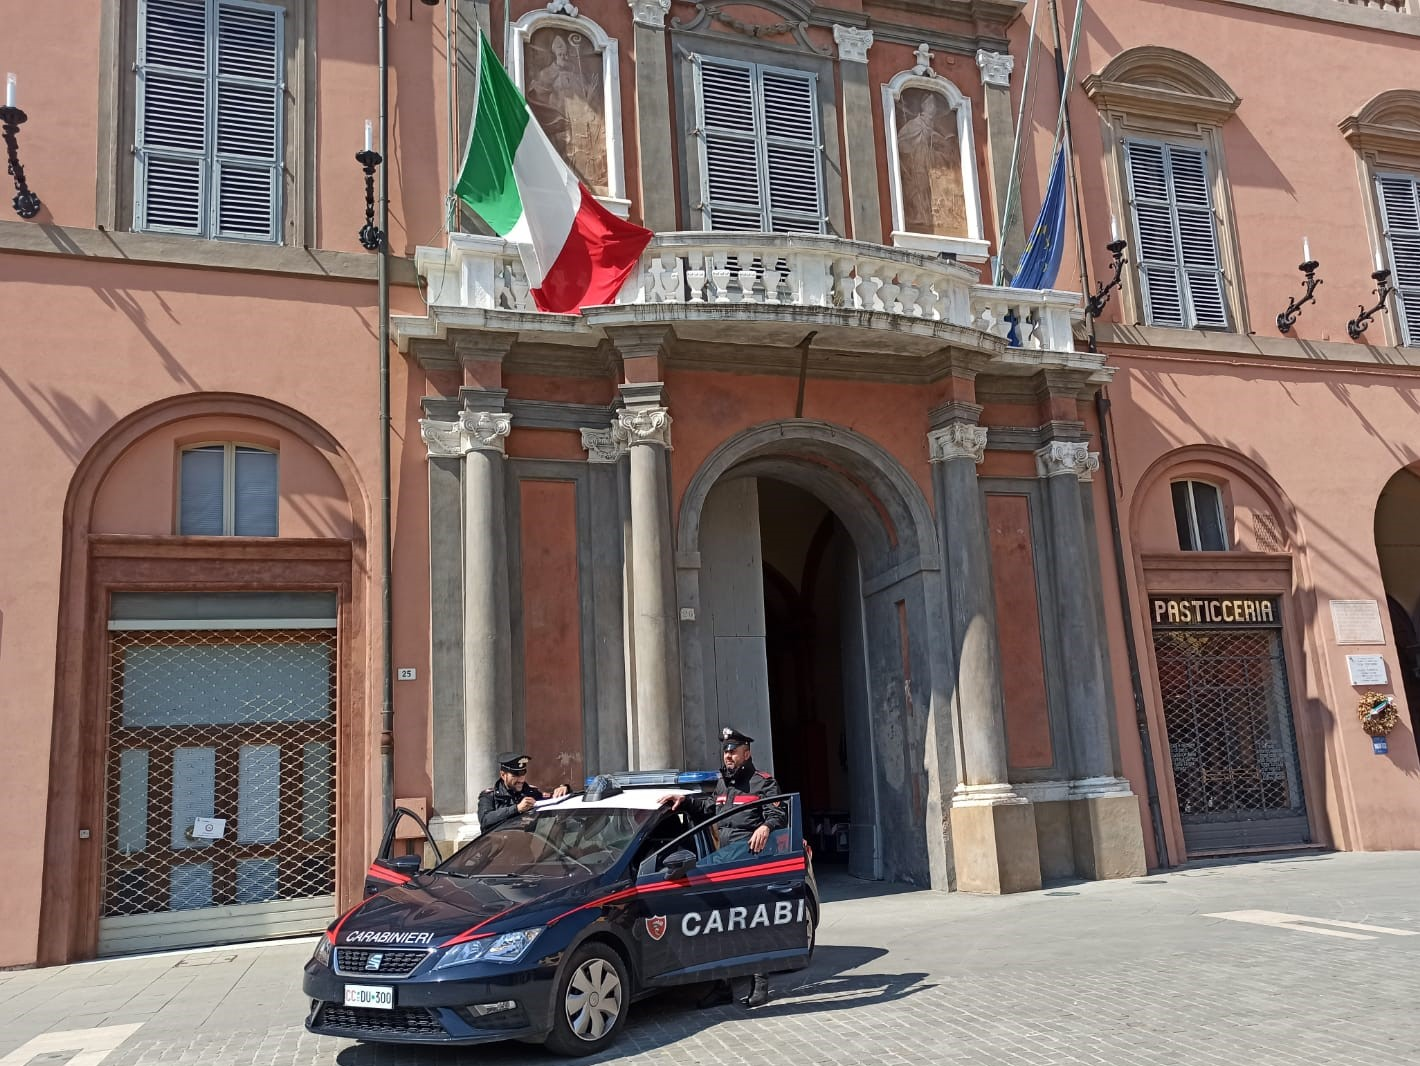 Imola, la convivenza forzata con l'amica e la dispensa vuota innescano una lite domestica: in soccorso arrivano i Carabinieri